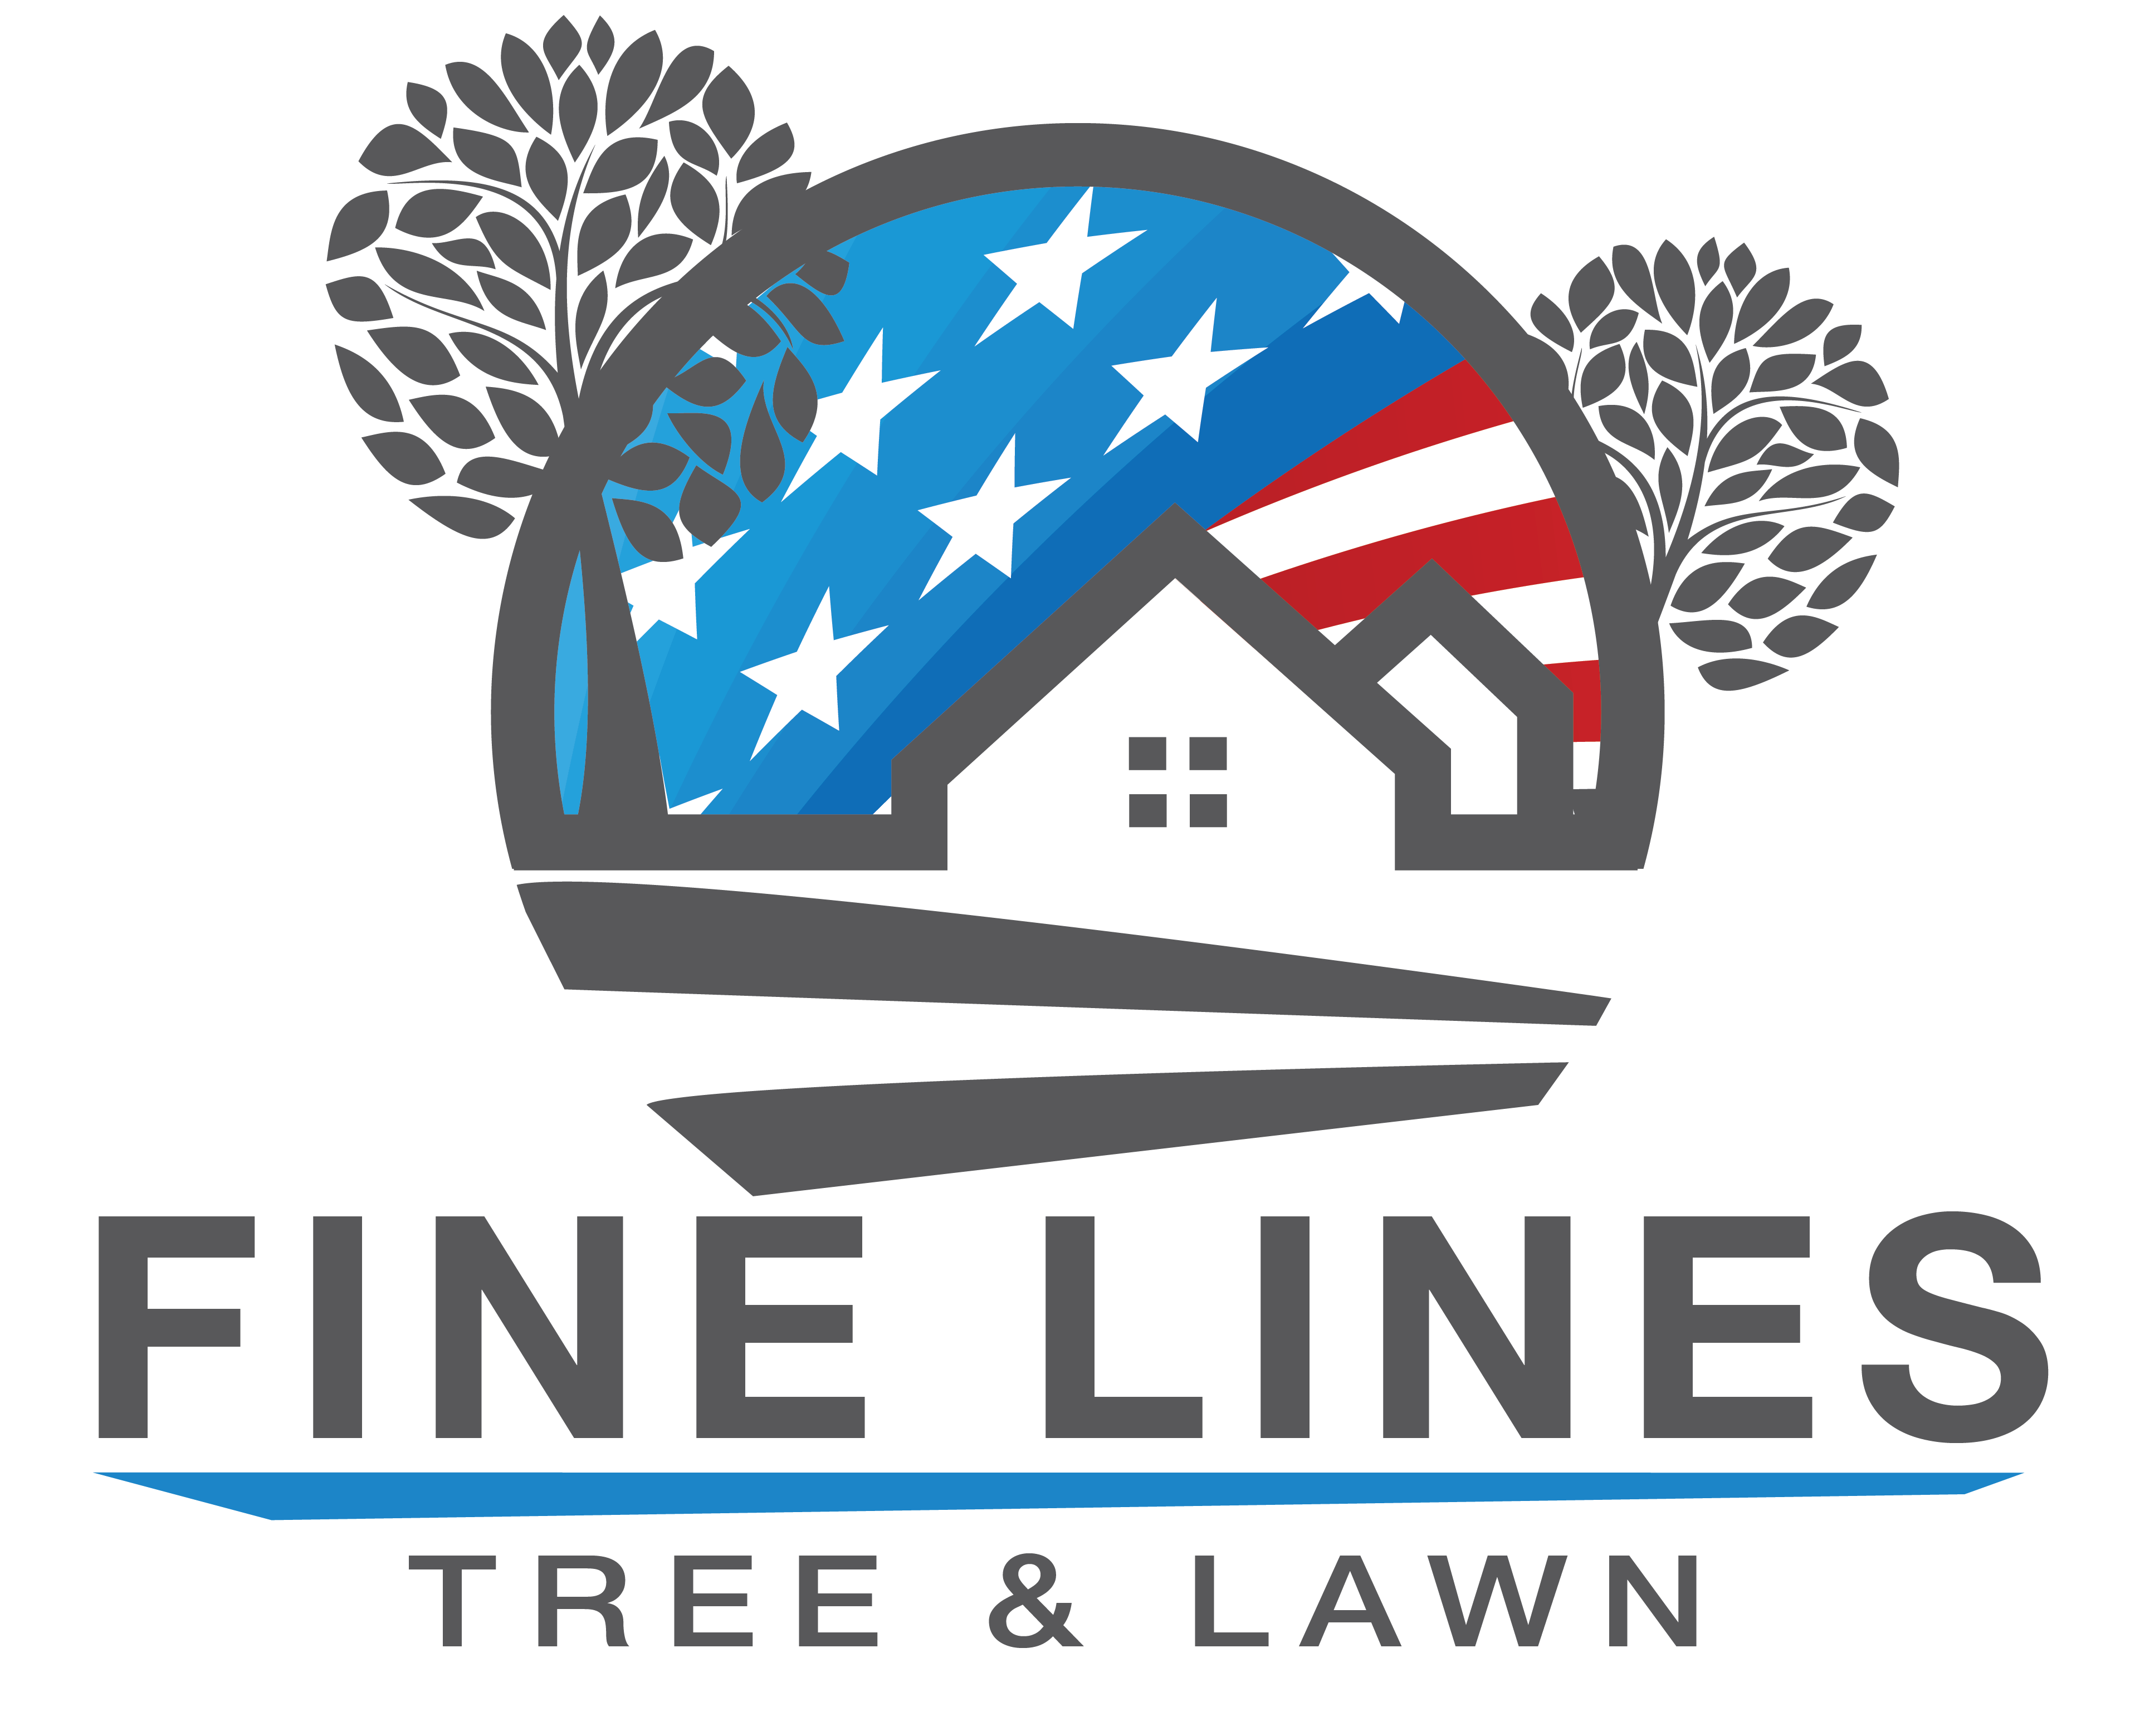 Fine Lines Tree & Lawn